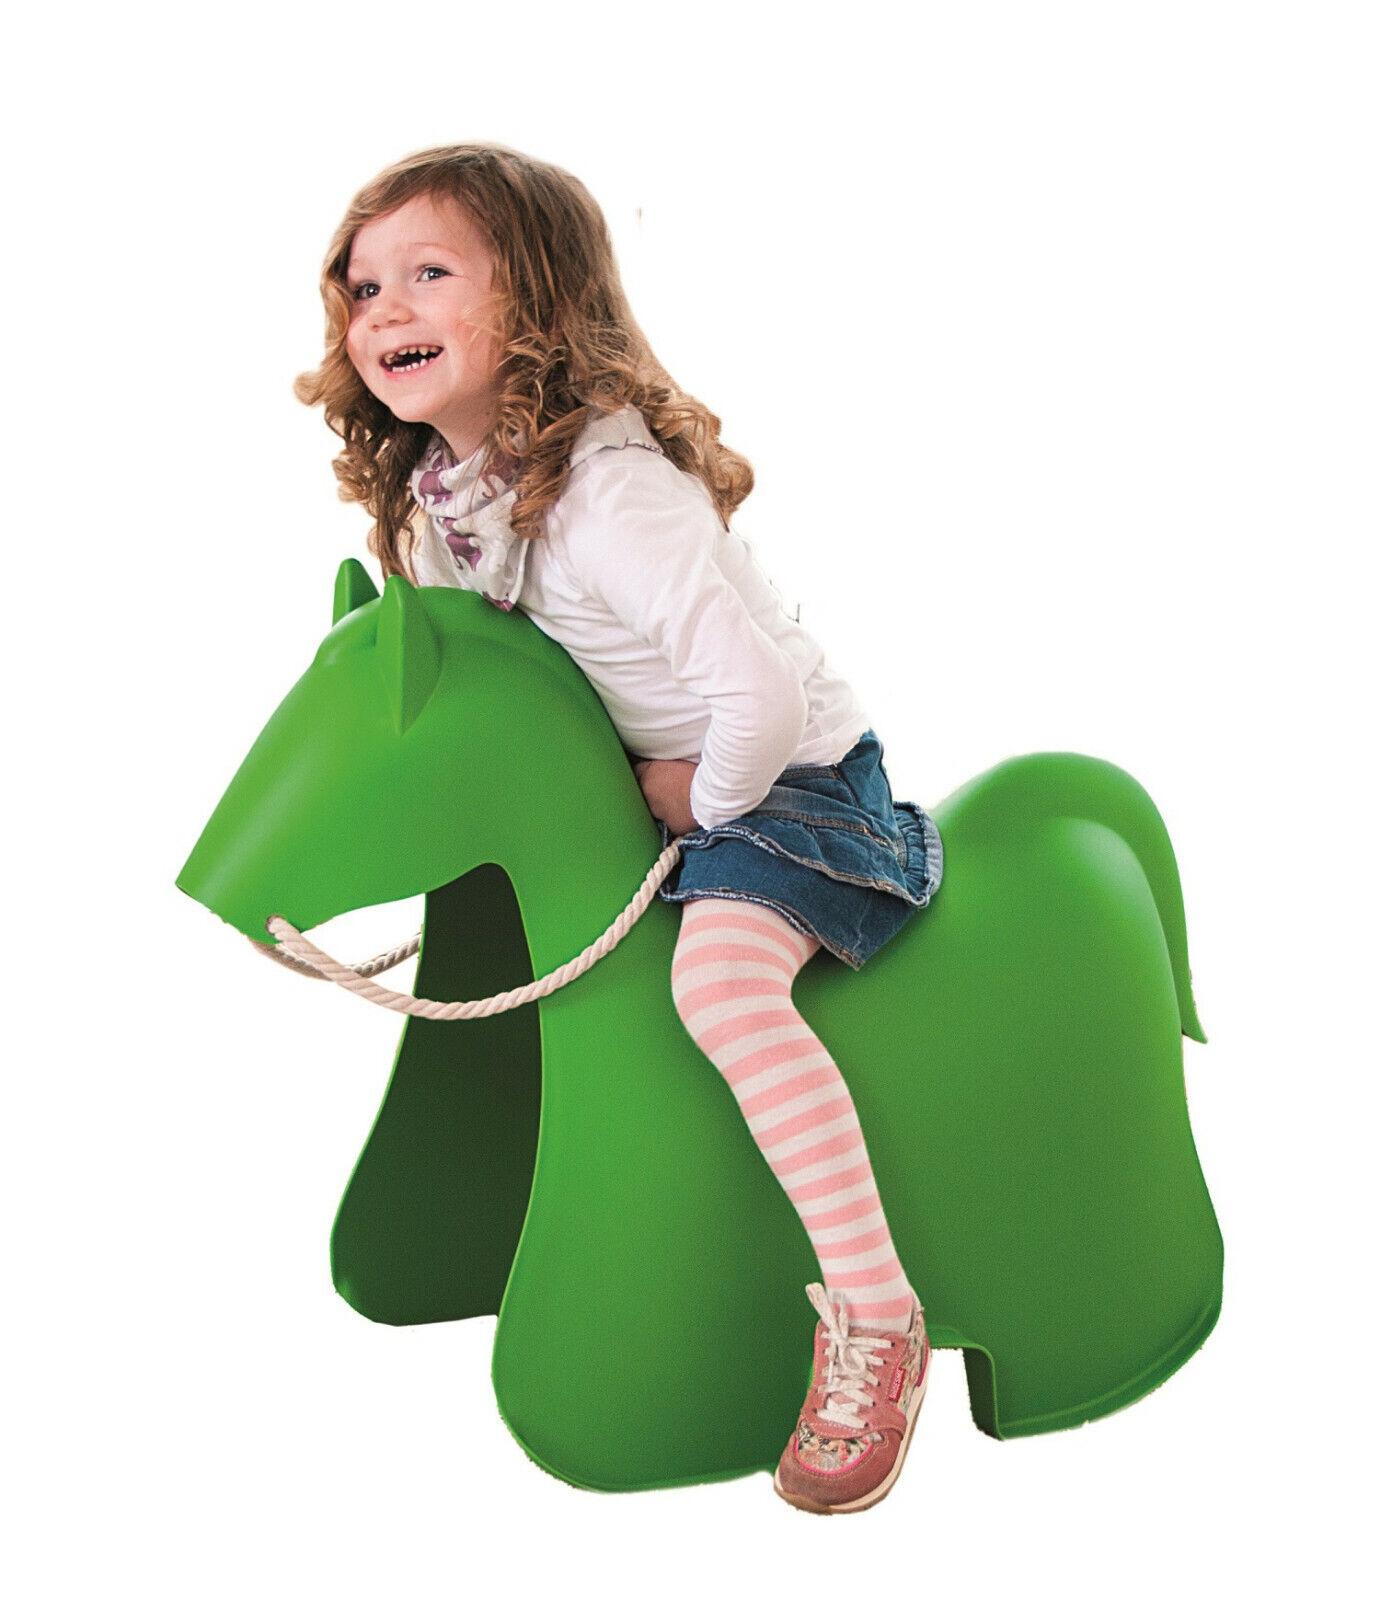 Pony grün für drinnen und draußen Reittier Pferd